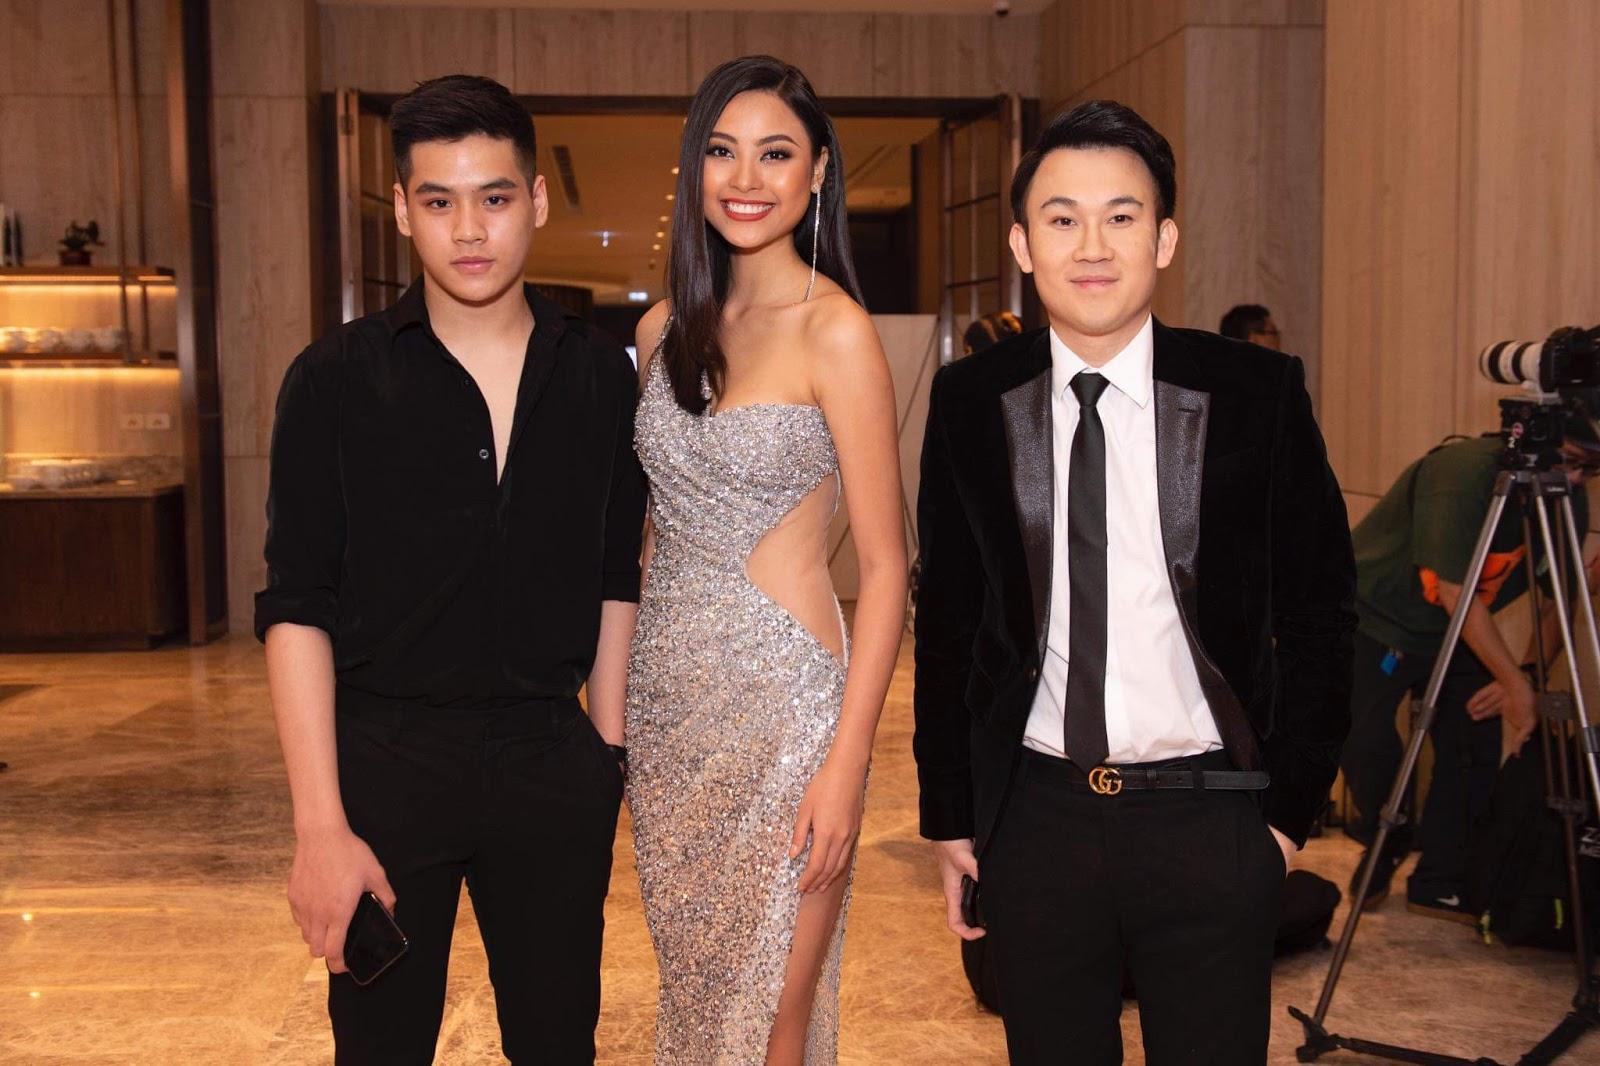 Mid Nguyễn, Đào Hà 'chặt chém' tại họp báo Hoa hậu Doanh nhân Việt Nam Quốc tế 2020 - Hình 13